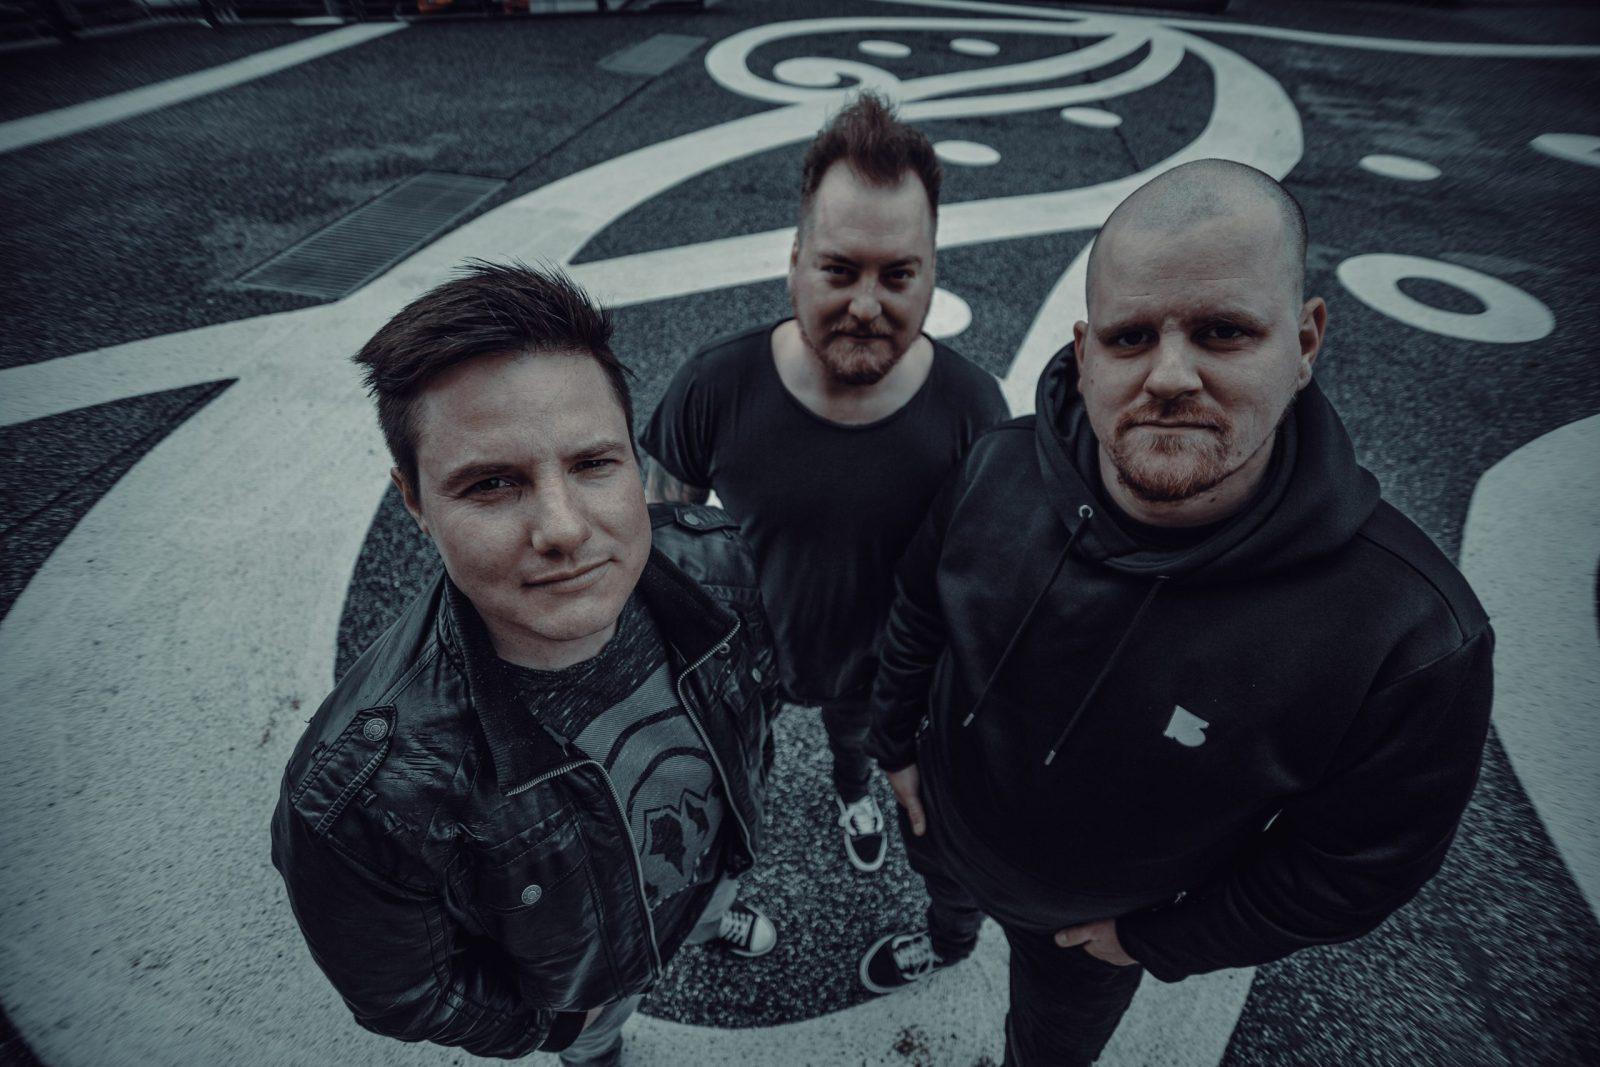 aop-von-wegen-punkrock-album-review